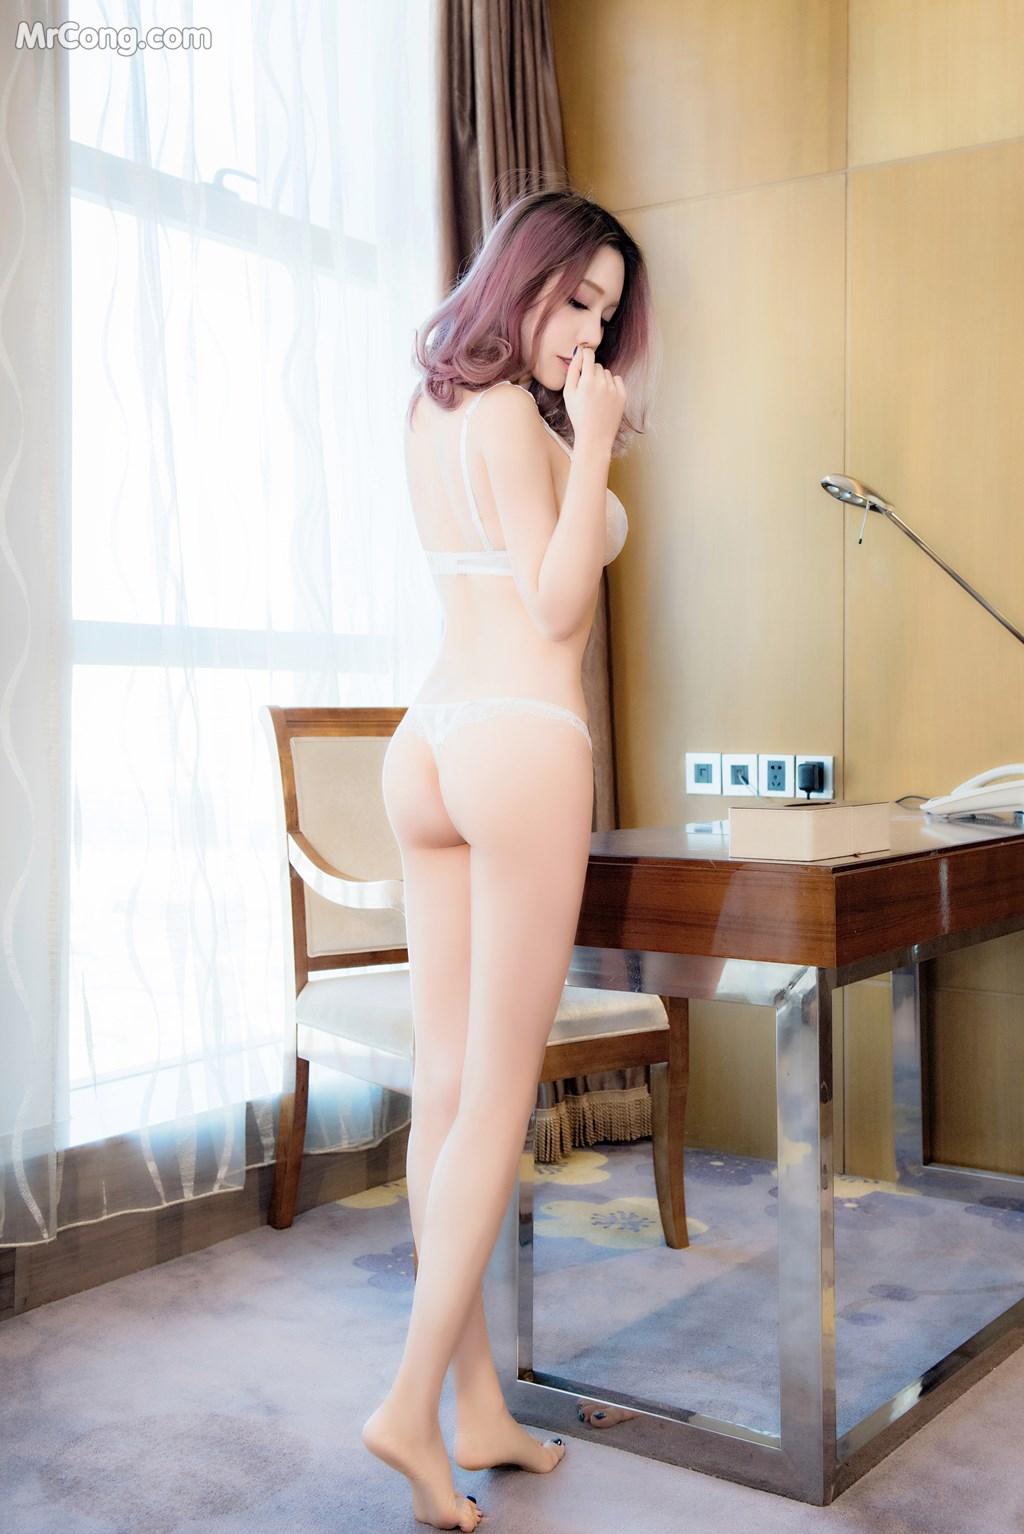 Image SLADY-2017-05-25-No.001-Ni-Xiao-Yao-MrCong.com-009 in post SLADY 2017-05-25 No.001: Người mẫu Ni Xiao Yao (妮小妖) (60 ảnh)